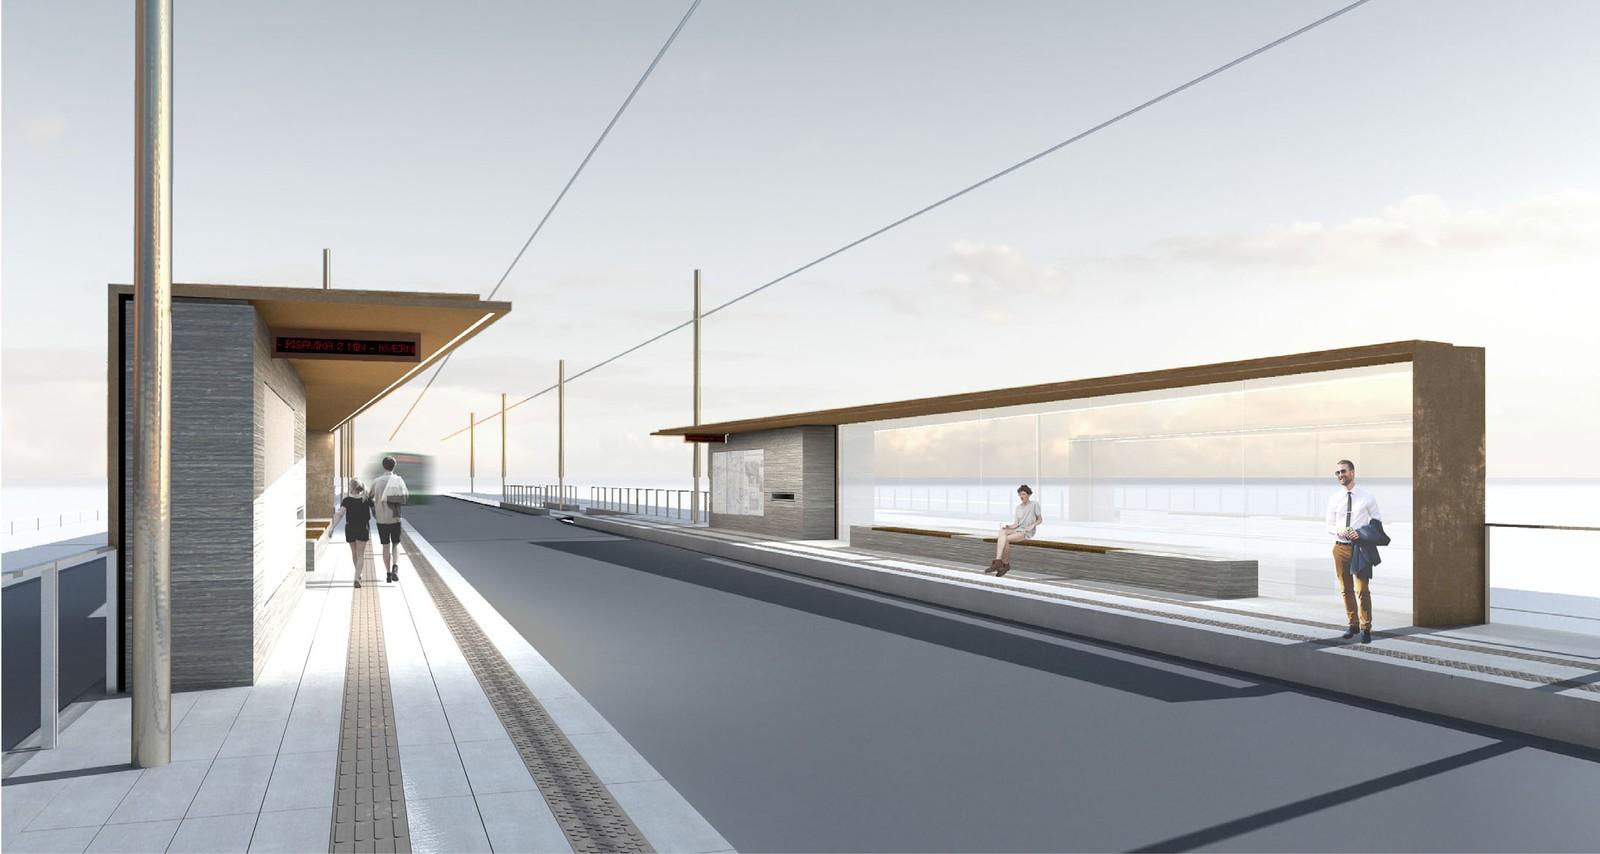 – Designet «Den røde tråden» er ikke fullt utviklet, det var hovedidéen vi var på jakt etter i holdeplasskonkurransen, sier Liz Helen Rosenkilde som er arkitekt i Statens vegvesen Region vest.